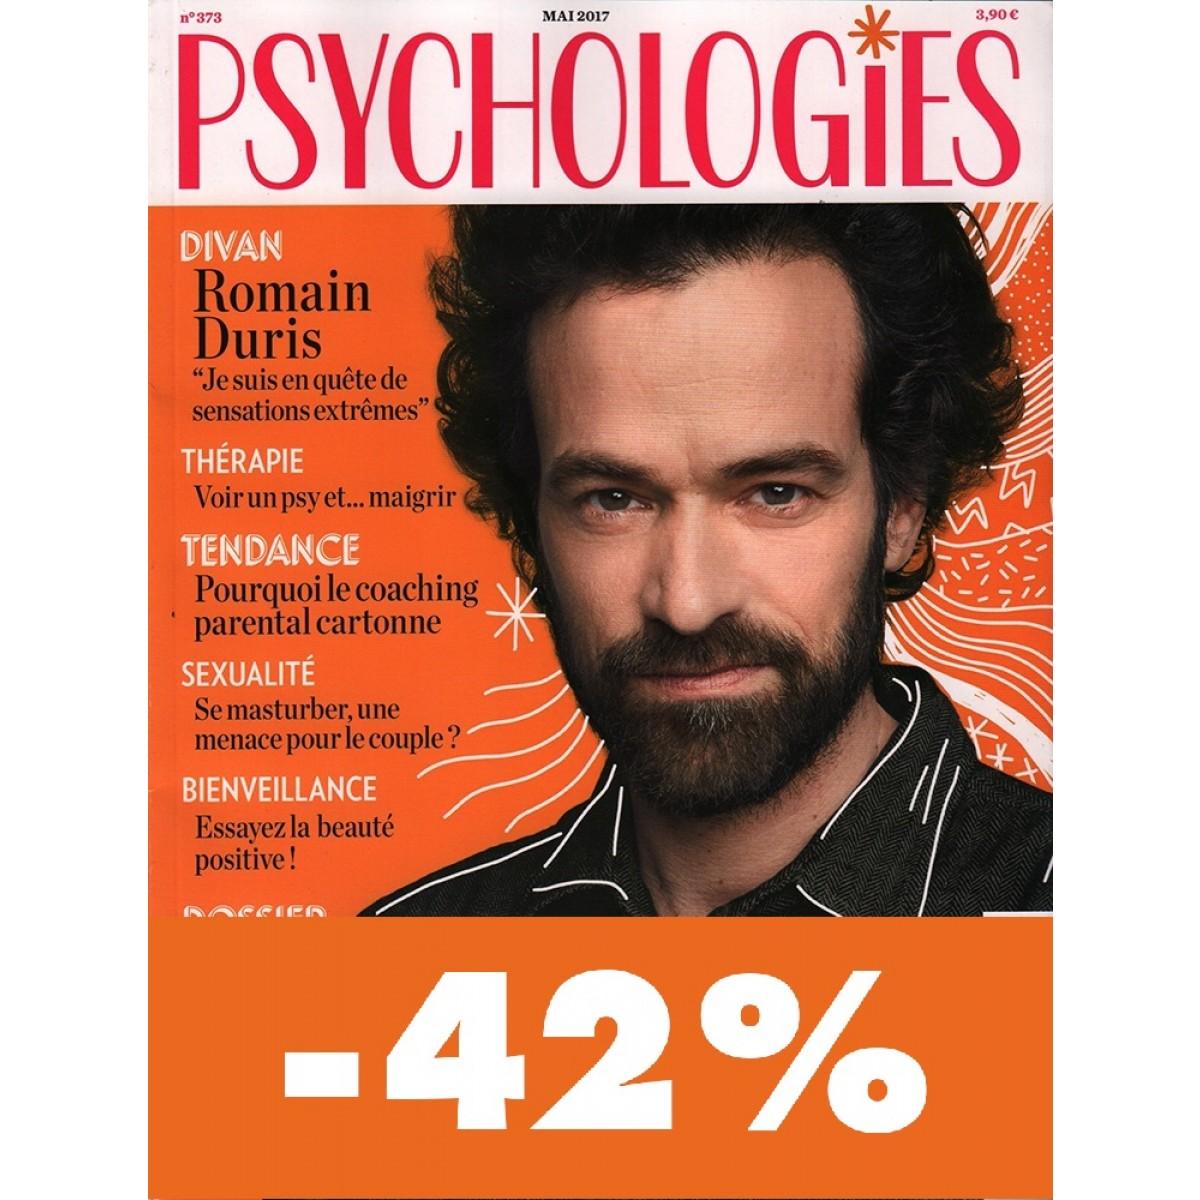 Abonnement psychologies magazine version poche mag24 for Abonnement psychologie magazine